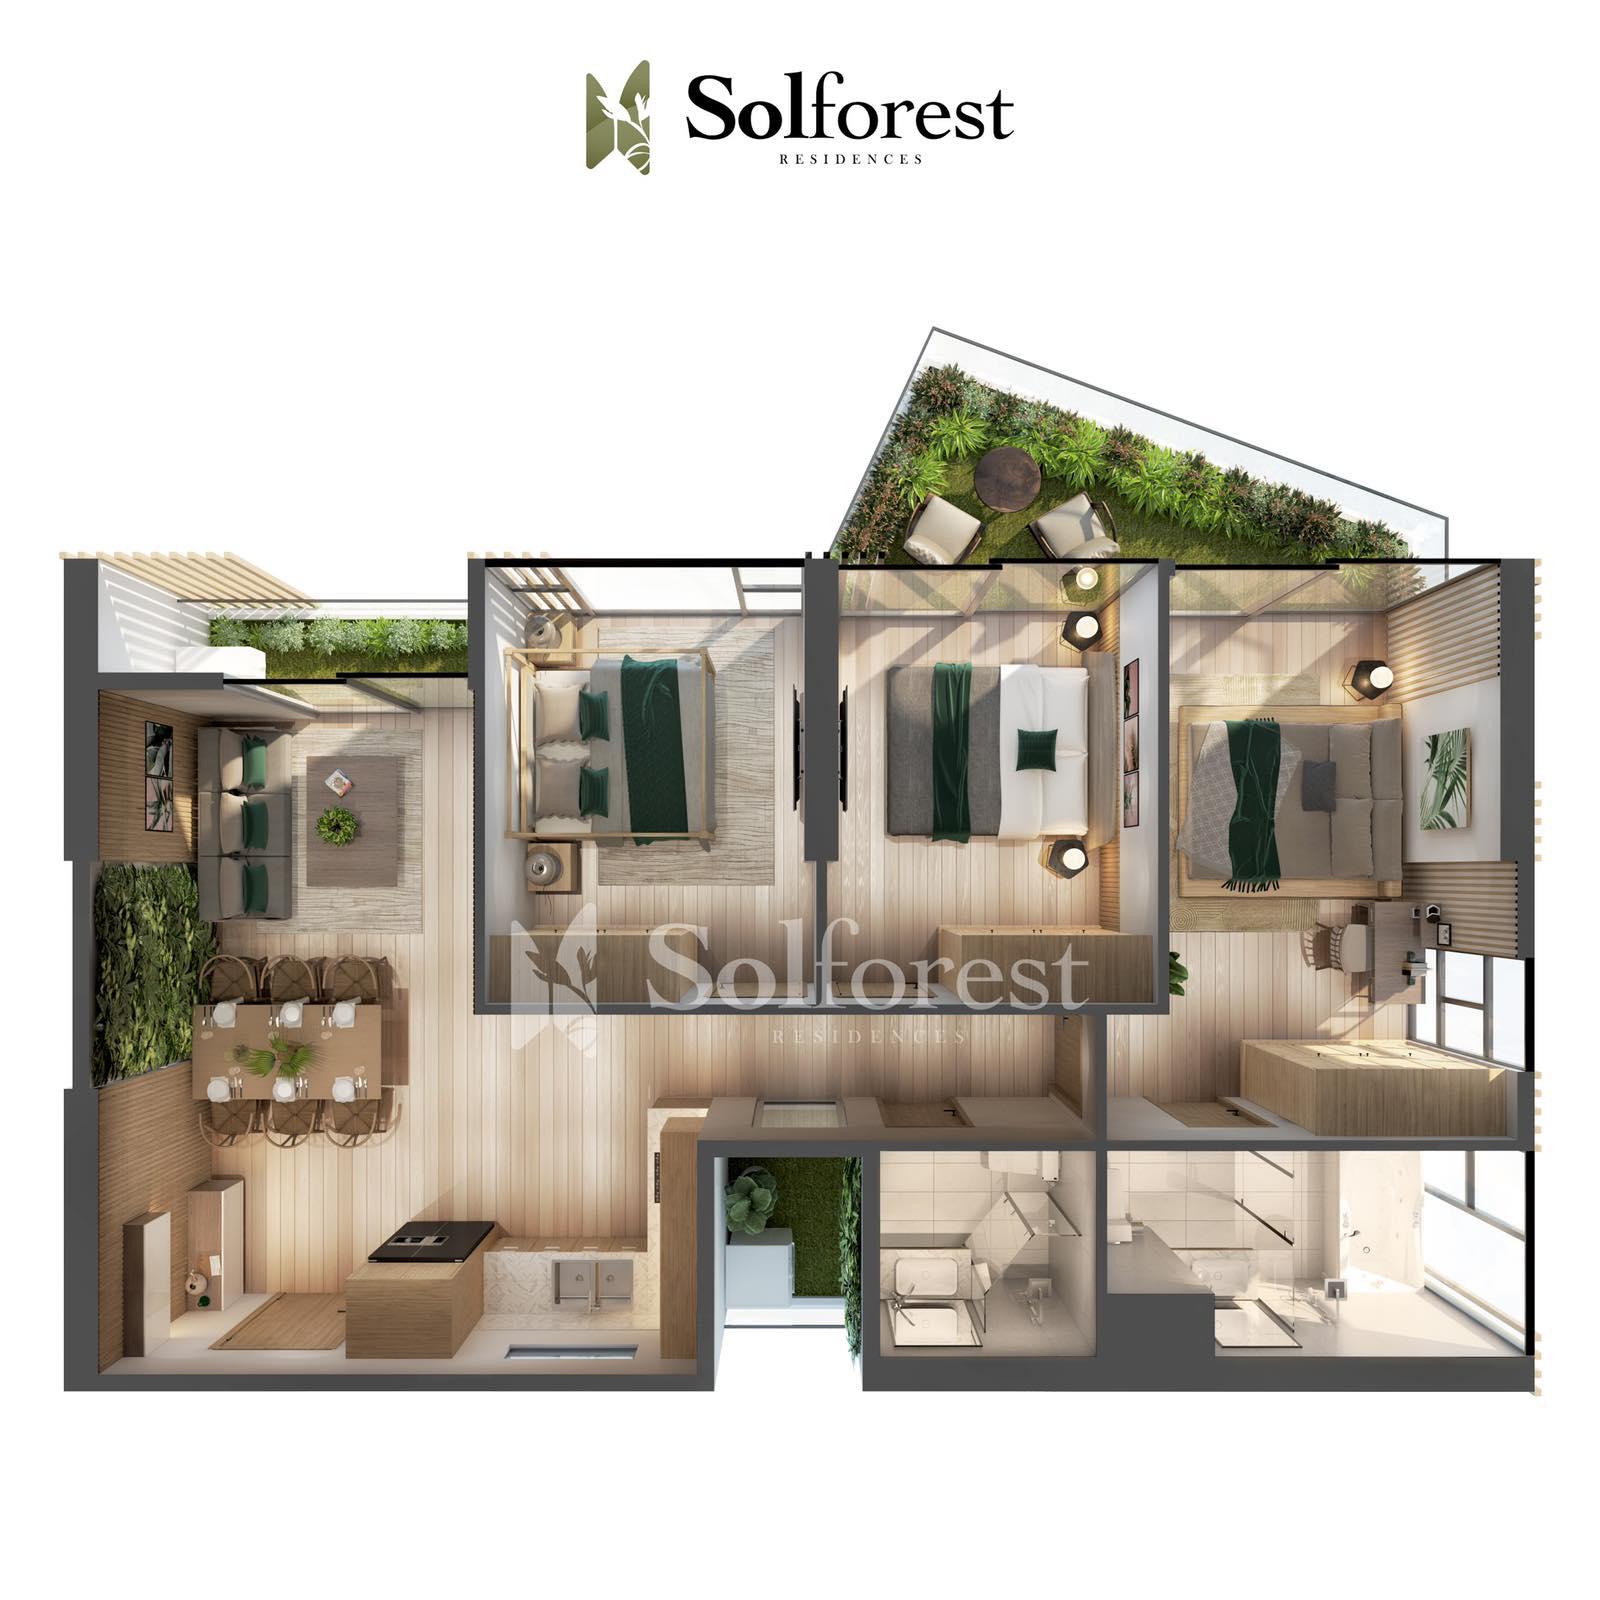 Căn Hộ Sân Vườn 3 Phòng Ngủ Solforest Ecopark Điển Hình 01